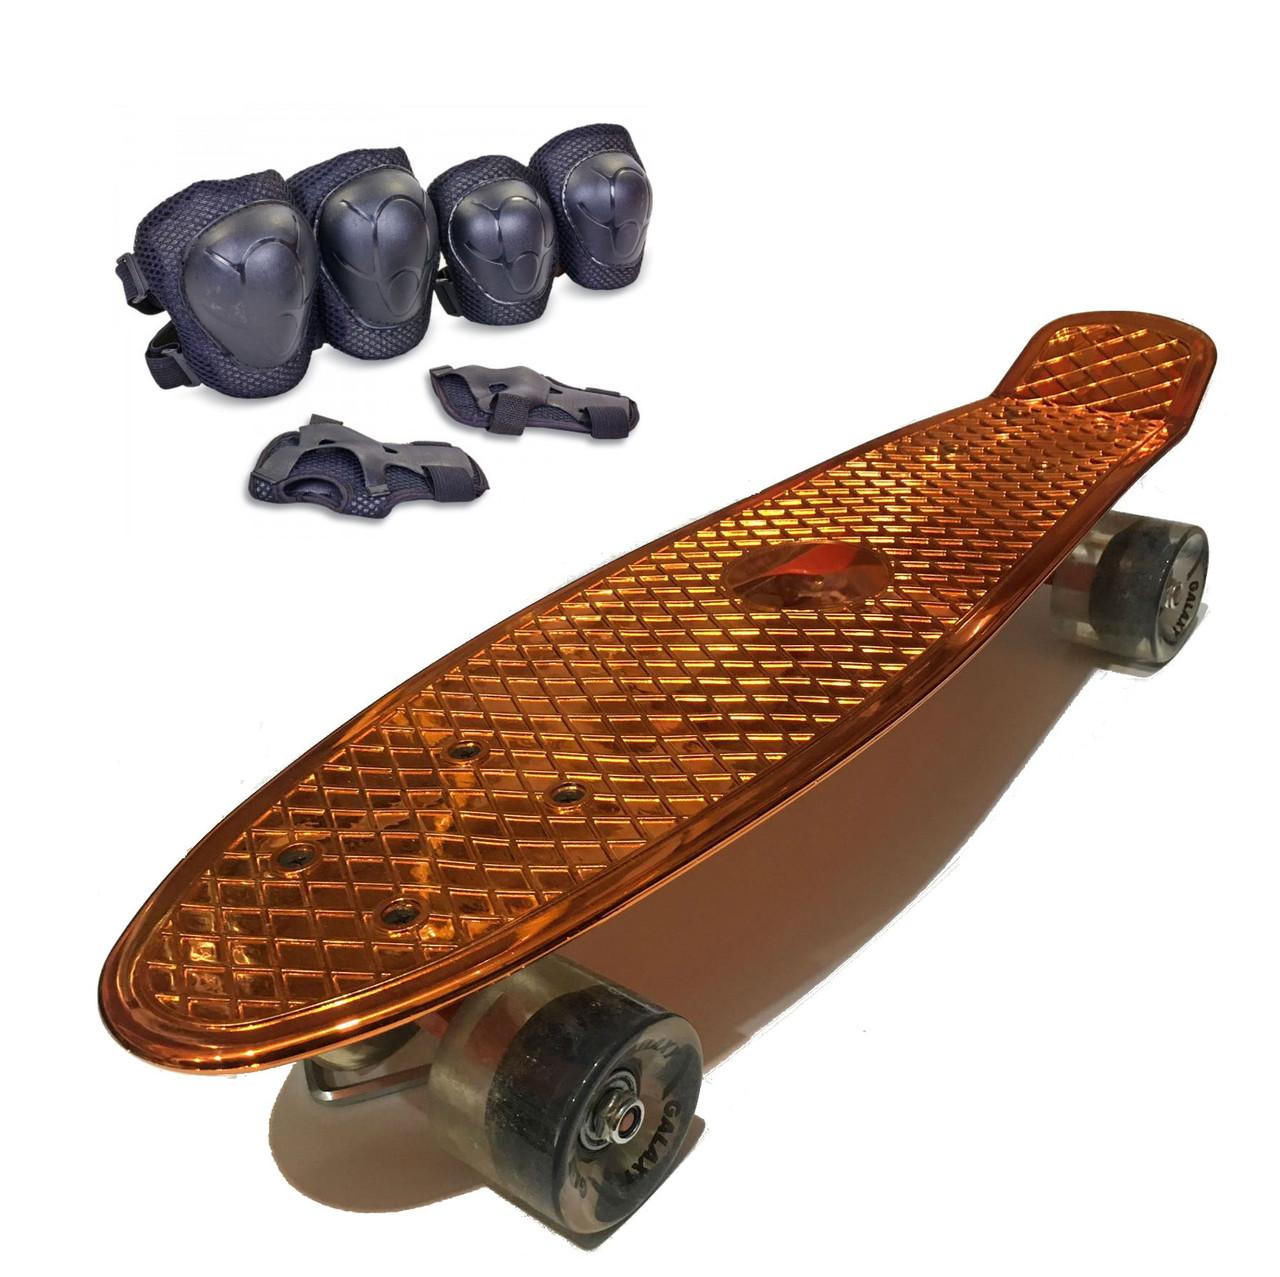 Пени Борд хромовый с светящимися колесами. Скейт золотистый Penny Board + Подарок